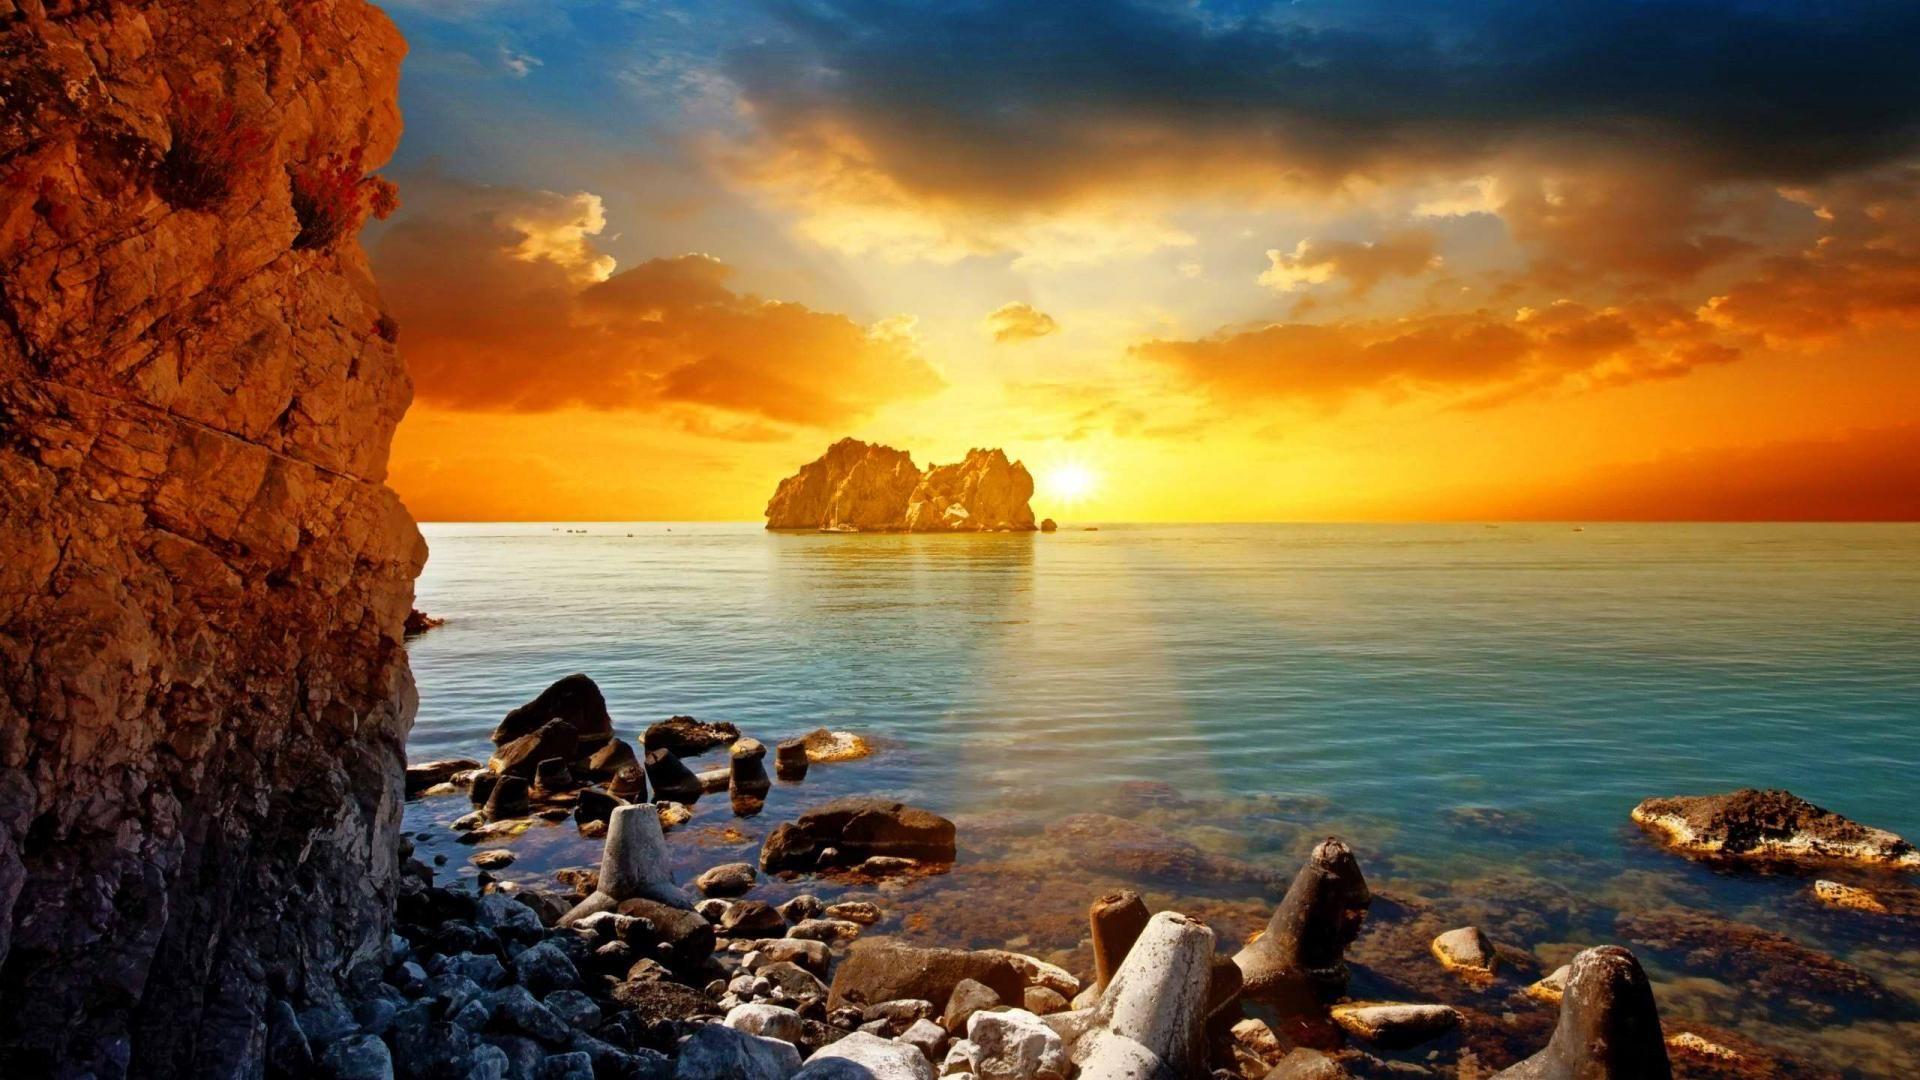 Free sunset wallpapers for desktop full hdq sunset photos hd free sunset wallpapers for desktop full hdq sunset photos voltagebd Choice Image